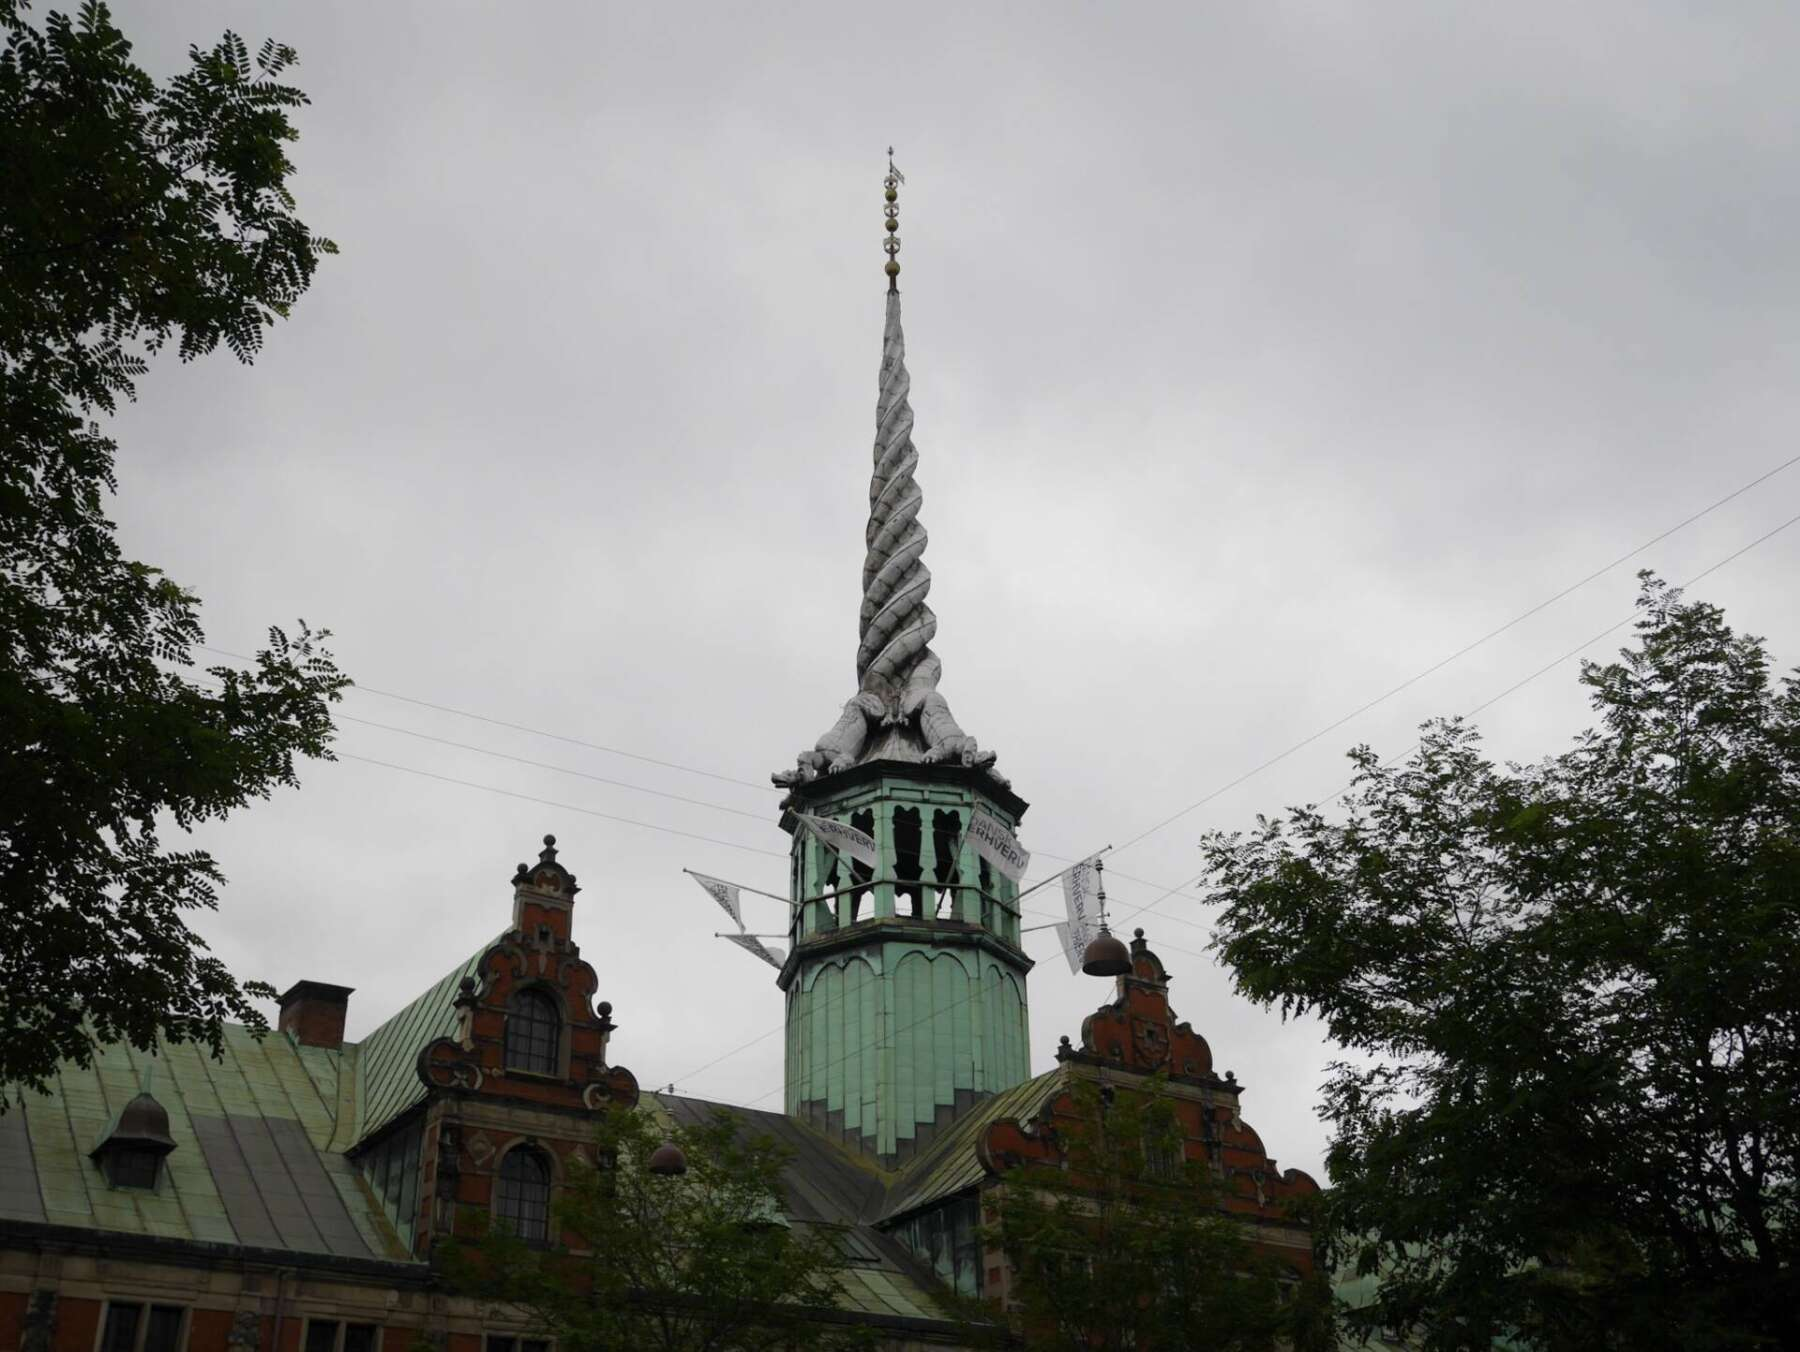 ตลาดหลักทรัพย์แห่งประเทศเดนมาร์ก (Copenhagen Stock Exchange)